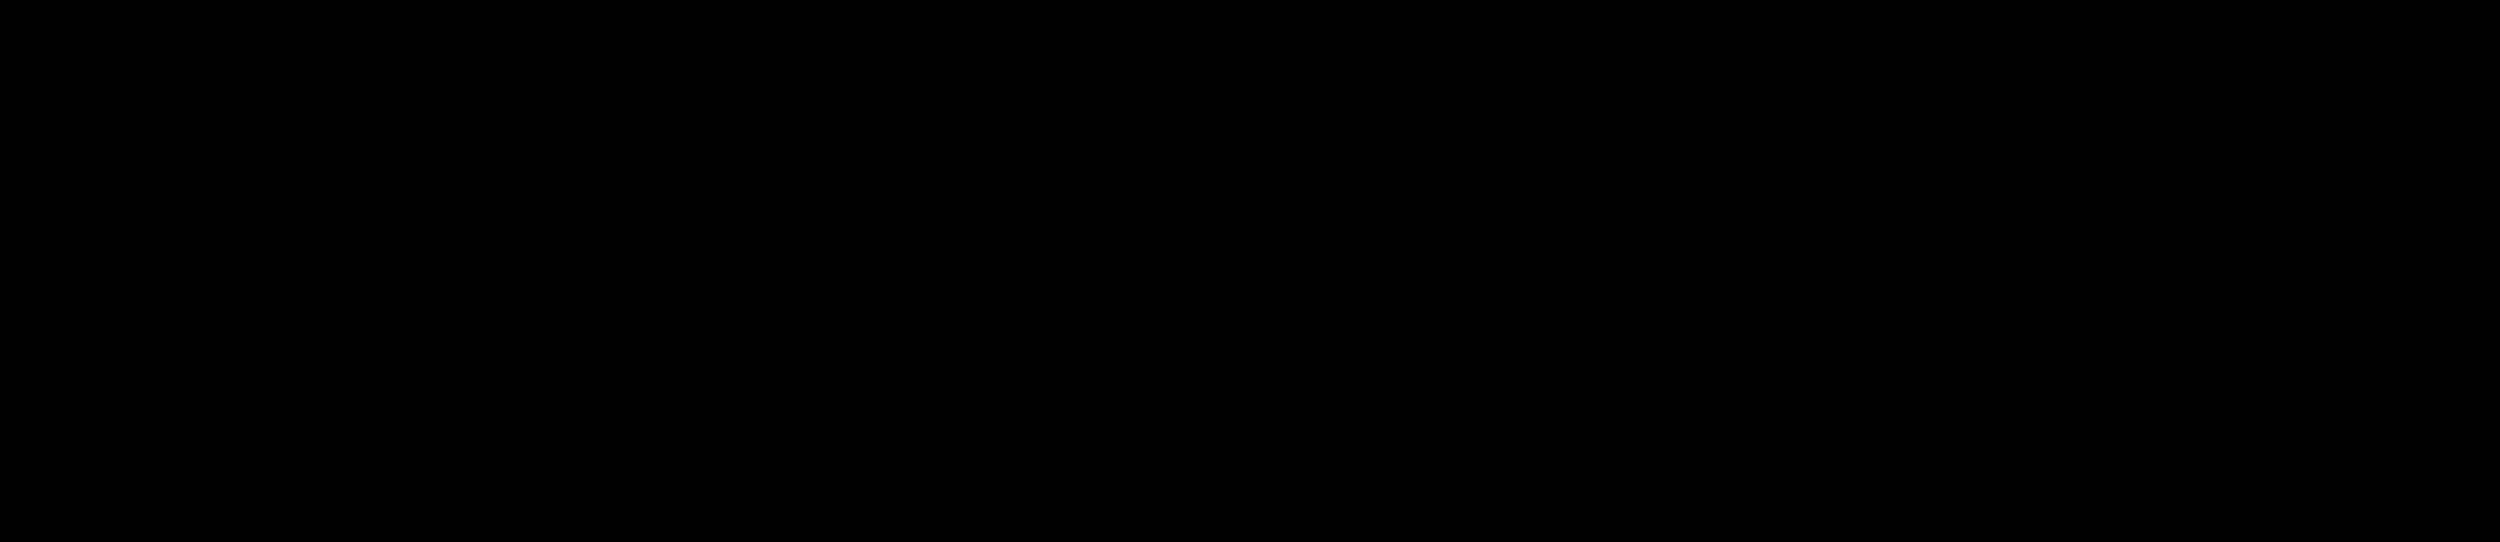 1 - Gemini Logo Horizontal - Black.png